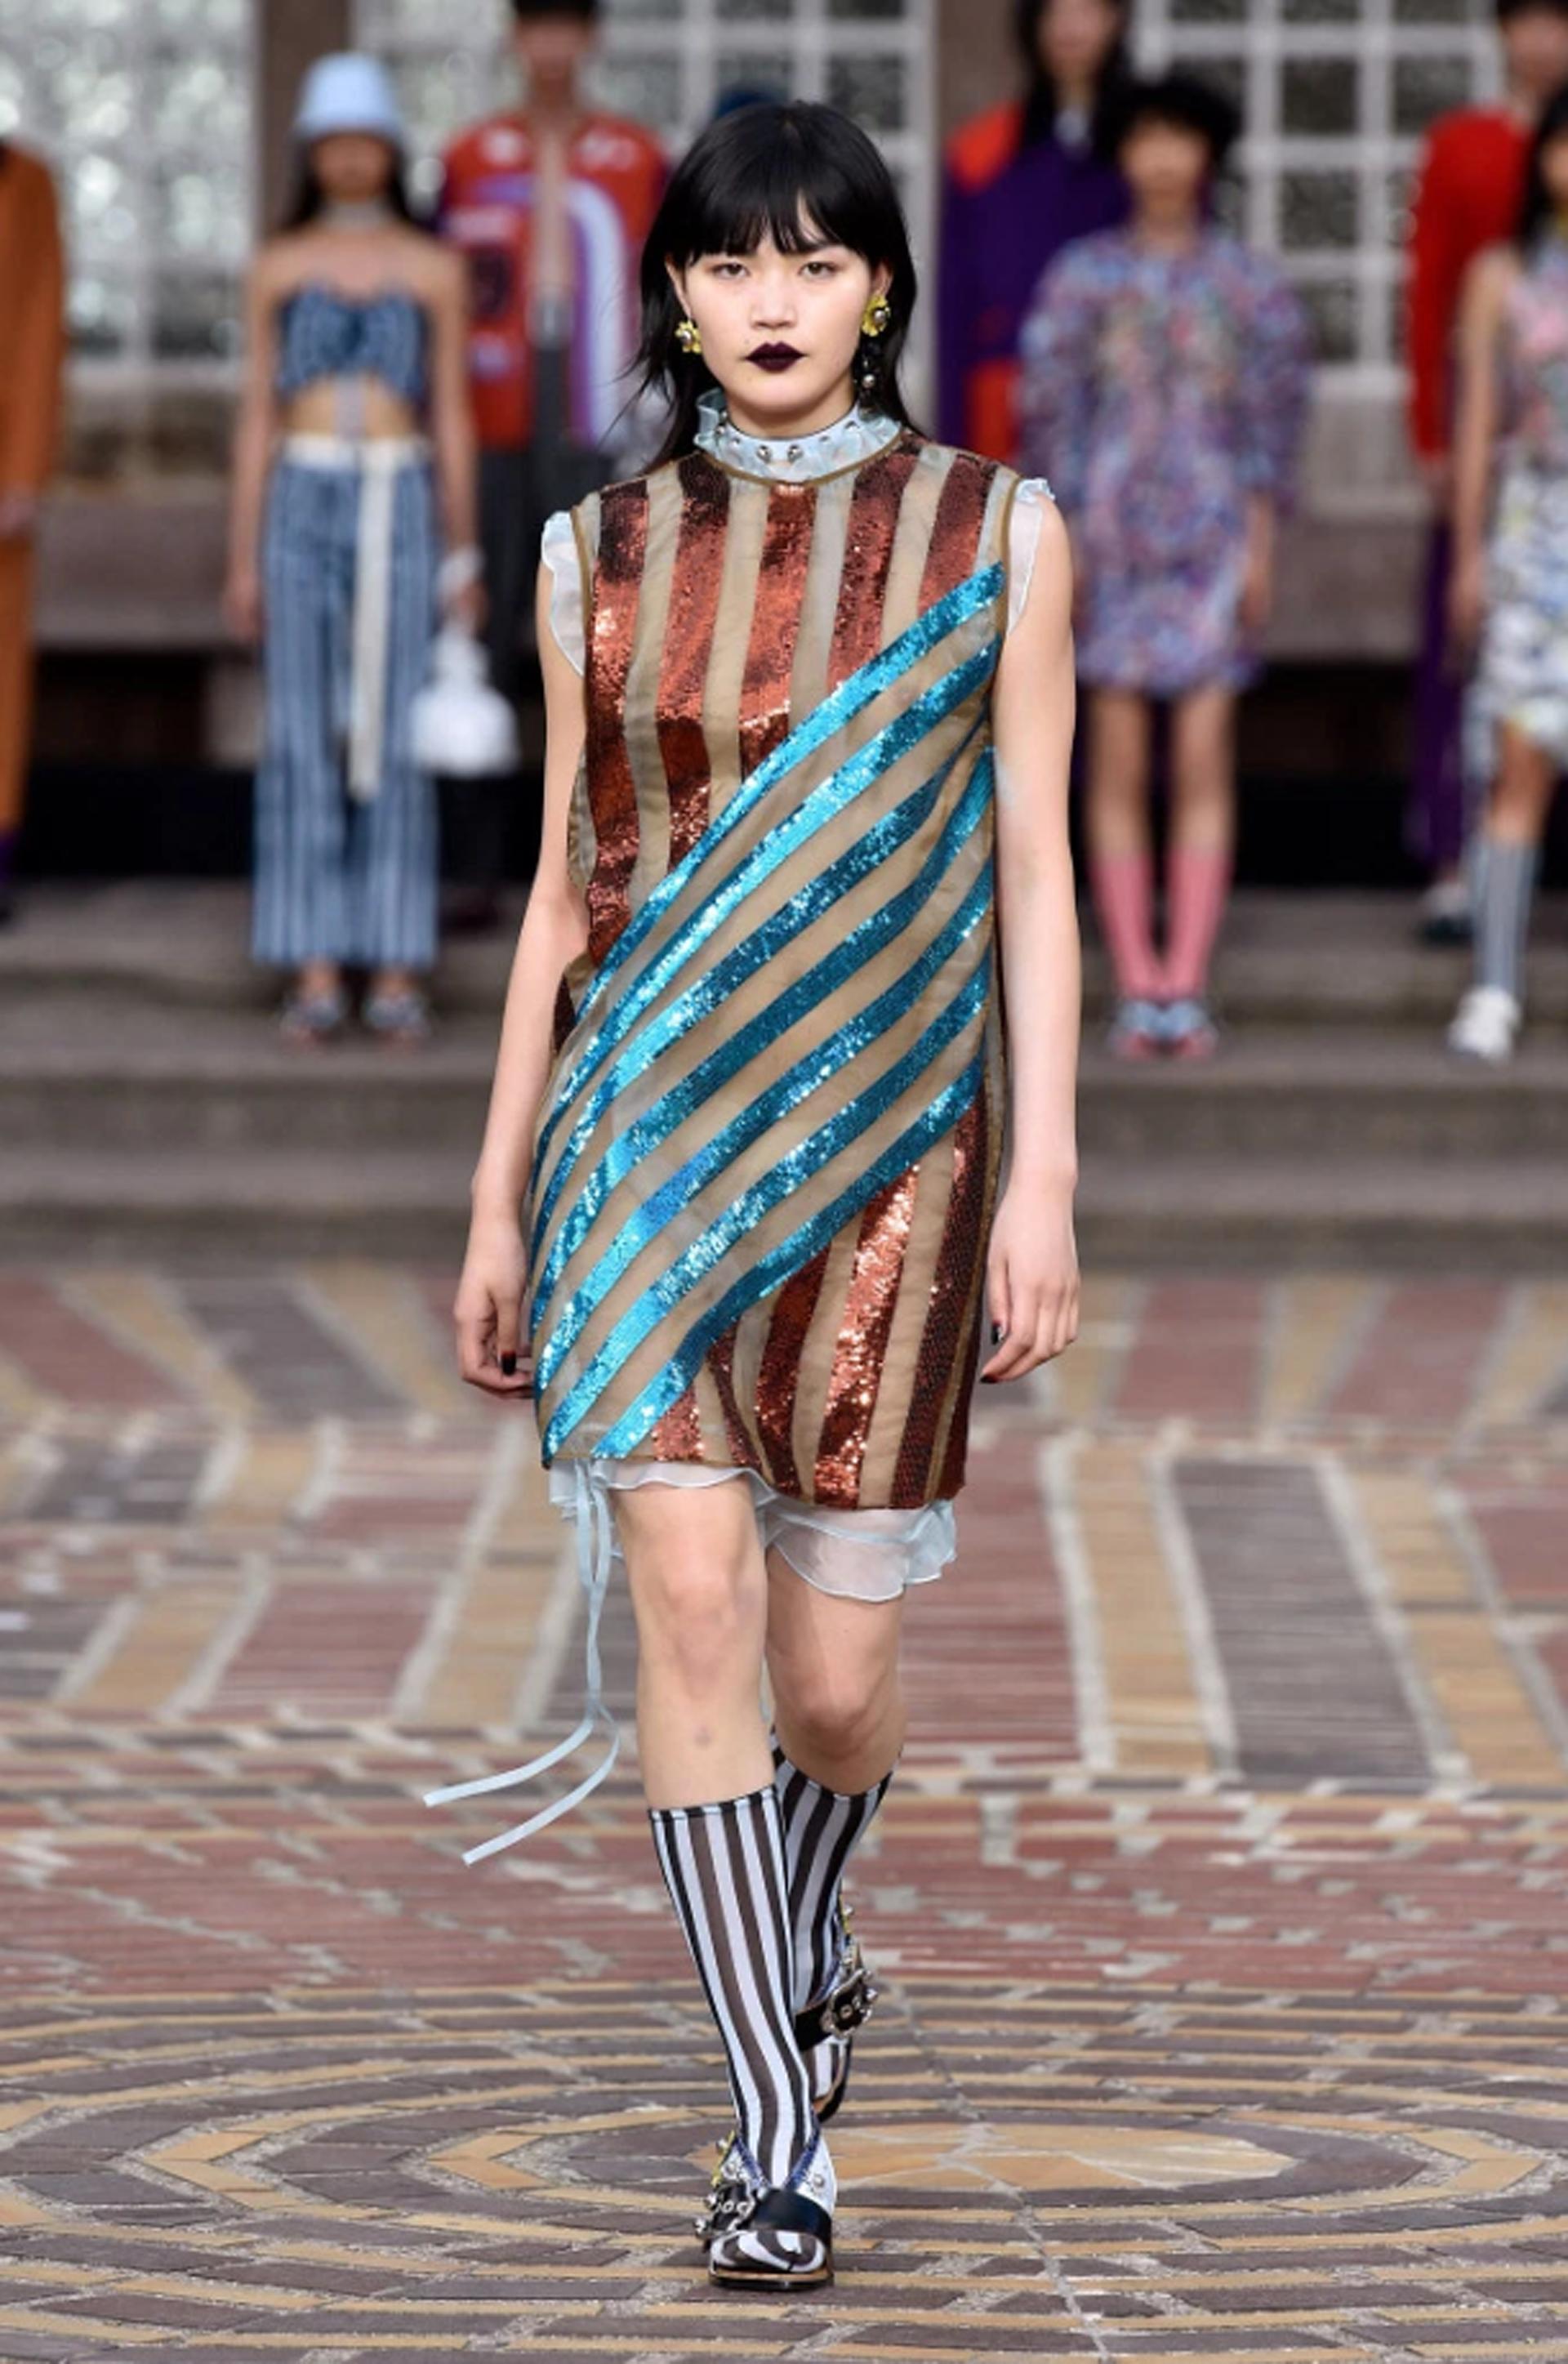 Rayas metalizadas y transparencias en un vestido corto sin mangas en bronce y turquesa. La combinación de medias y sandalias siguen siendo furor en la semana de la moda